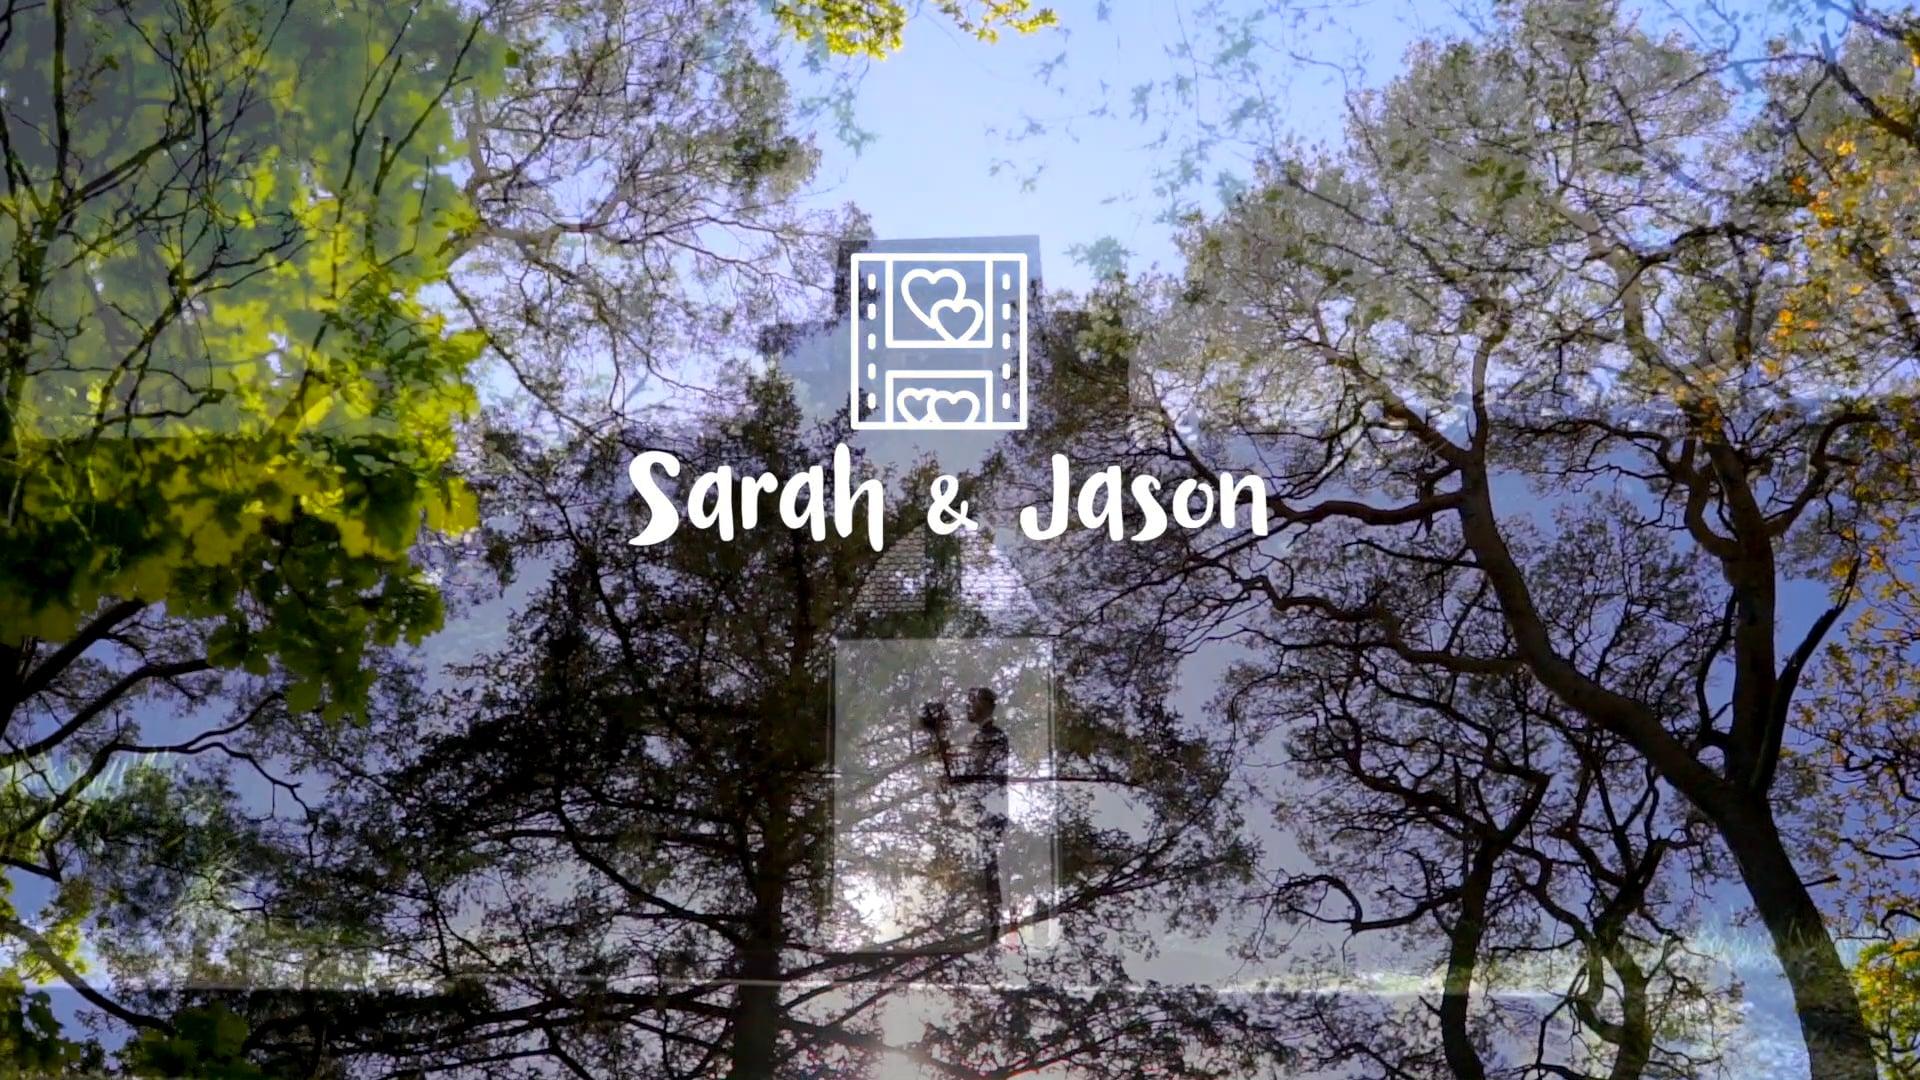 Sarah & Jason's Short Film